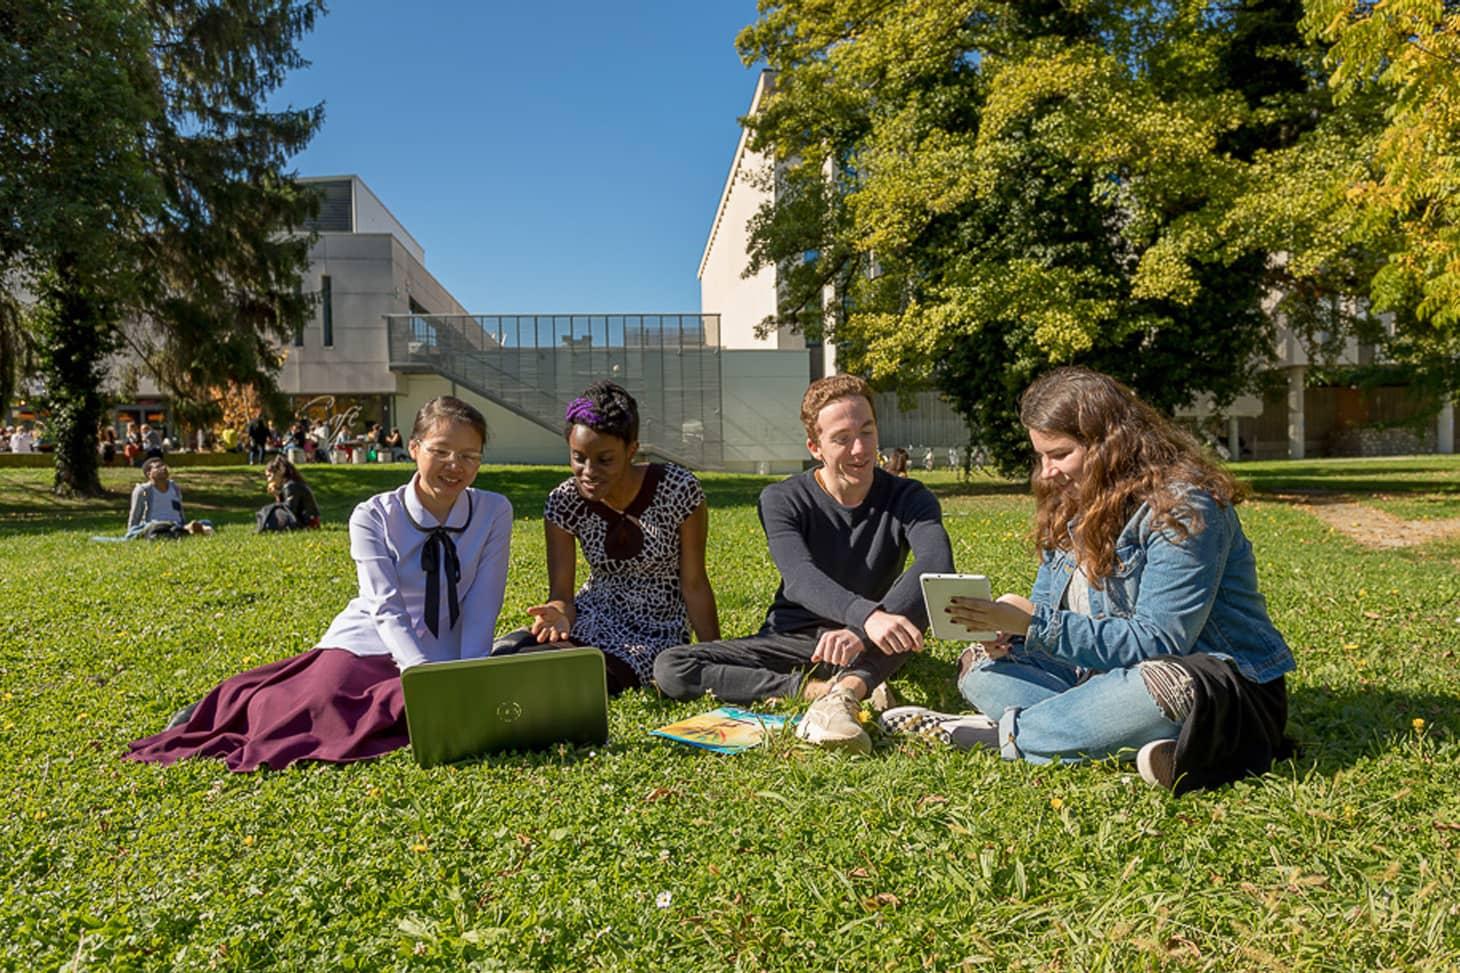 Etudiants internationaux sur le campus de l'UGA. Photo de Pierre Jayet